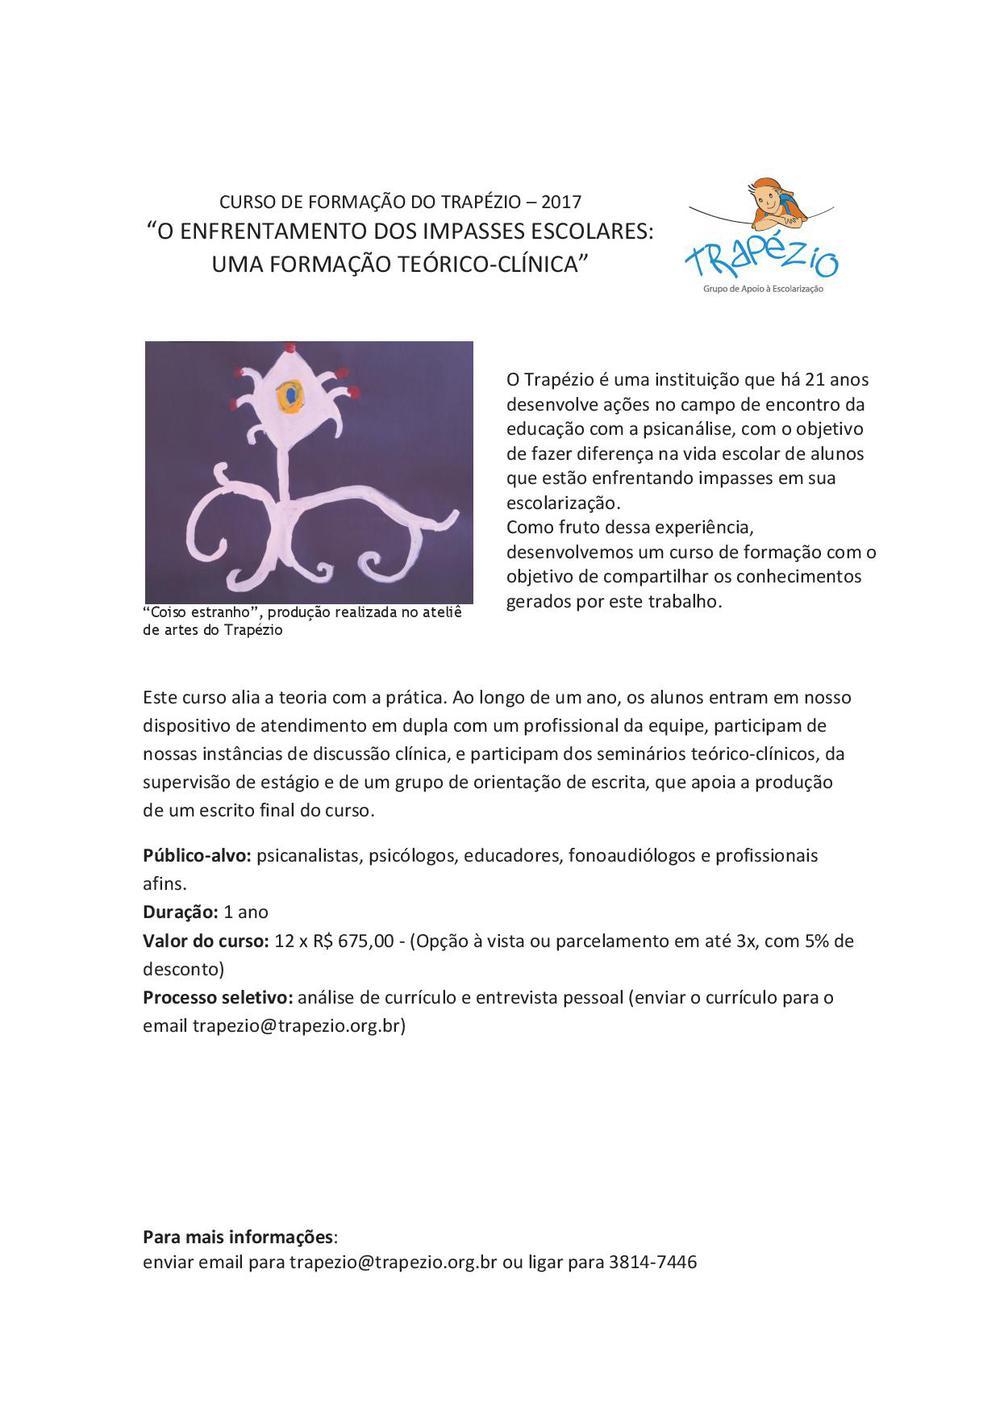 """Curso do Trapézio 2017 - """"O ENFRENTAMENTO DOS IMPASSES ESCOLARES: UMA FORMAÇÃO TEÓRICO-CLINICA"""""""